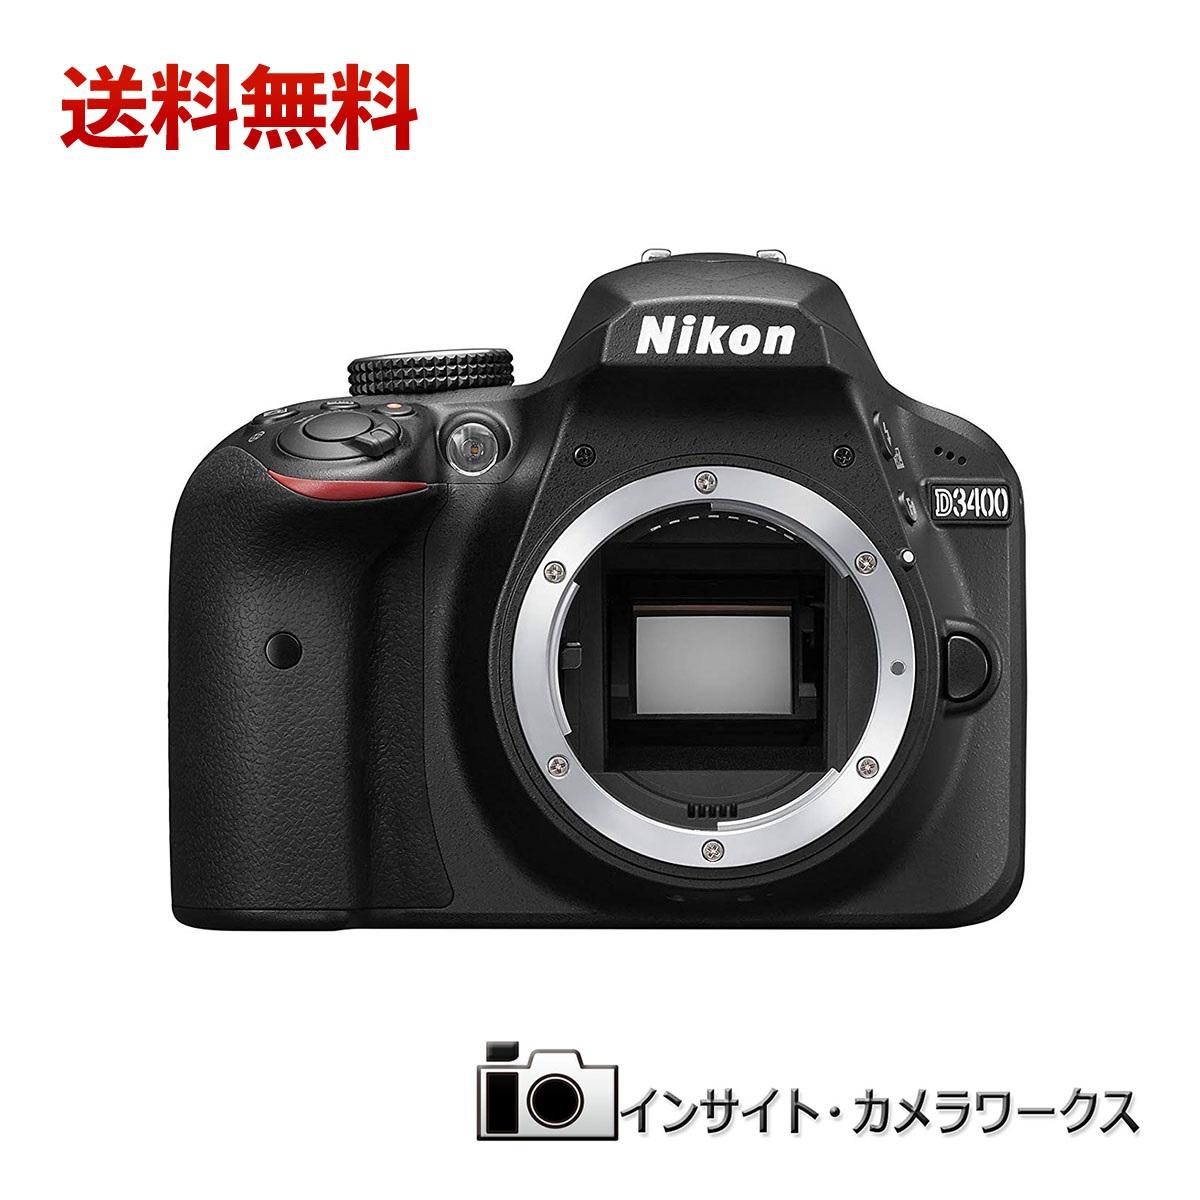 【特別価格】Nikon デジタル一眼レフカメラ D3400 ボディ ブラック D3400BK ニコン